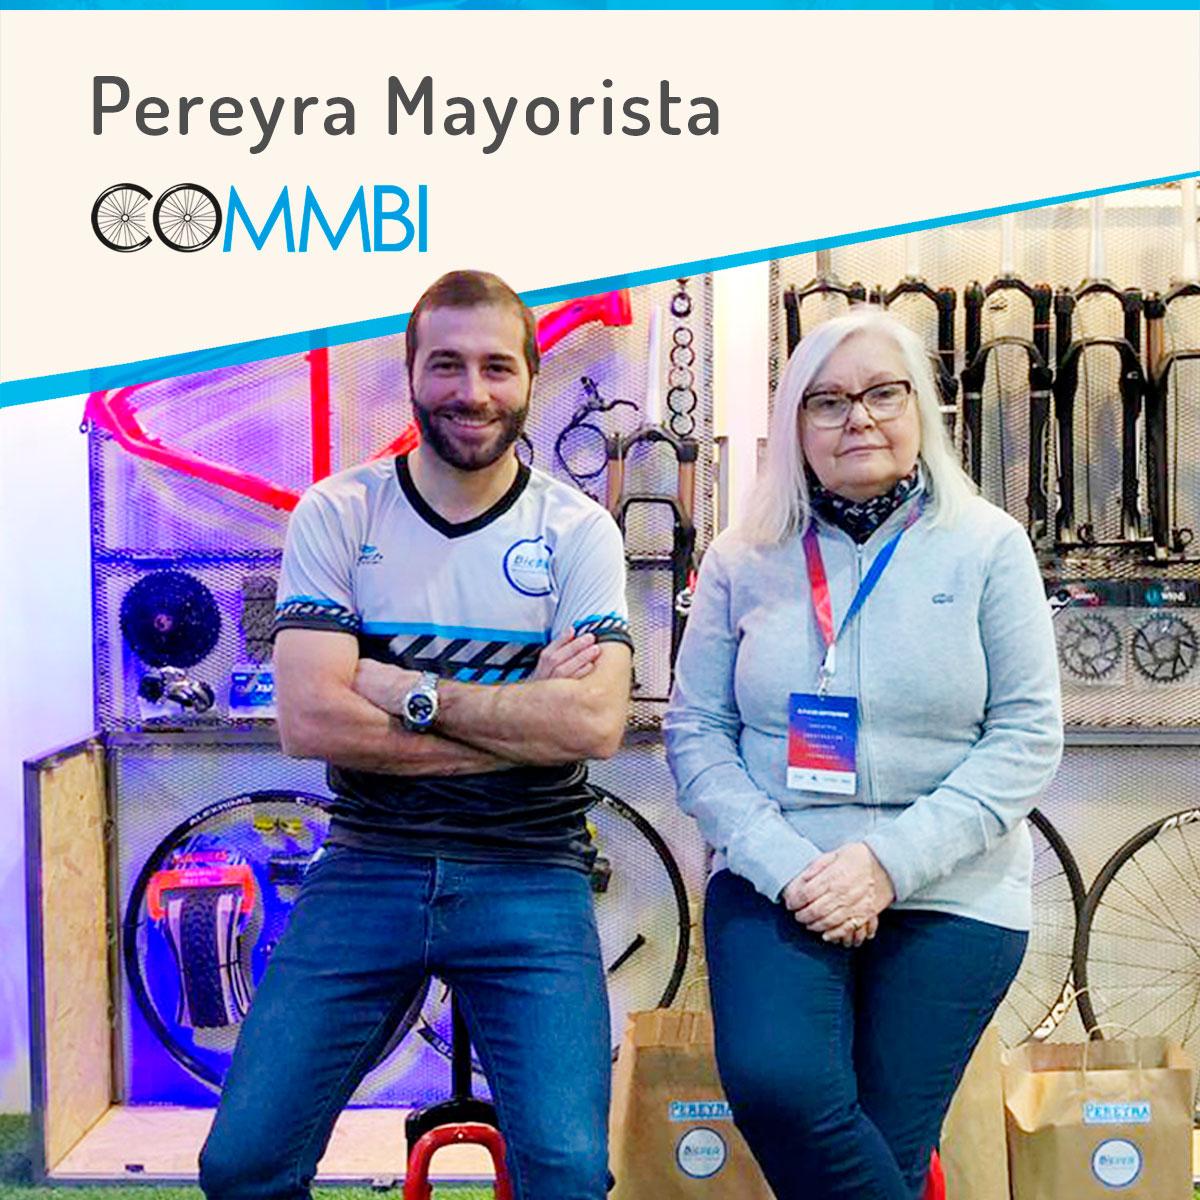 Pereyra Mayorista